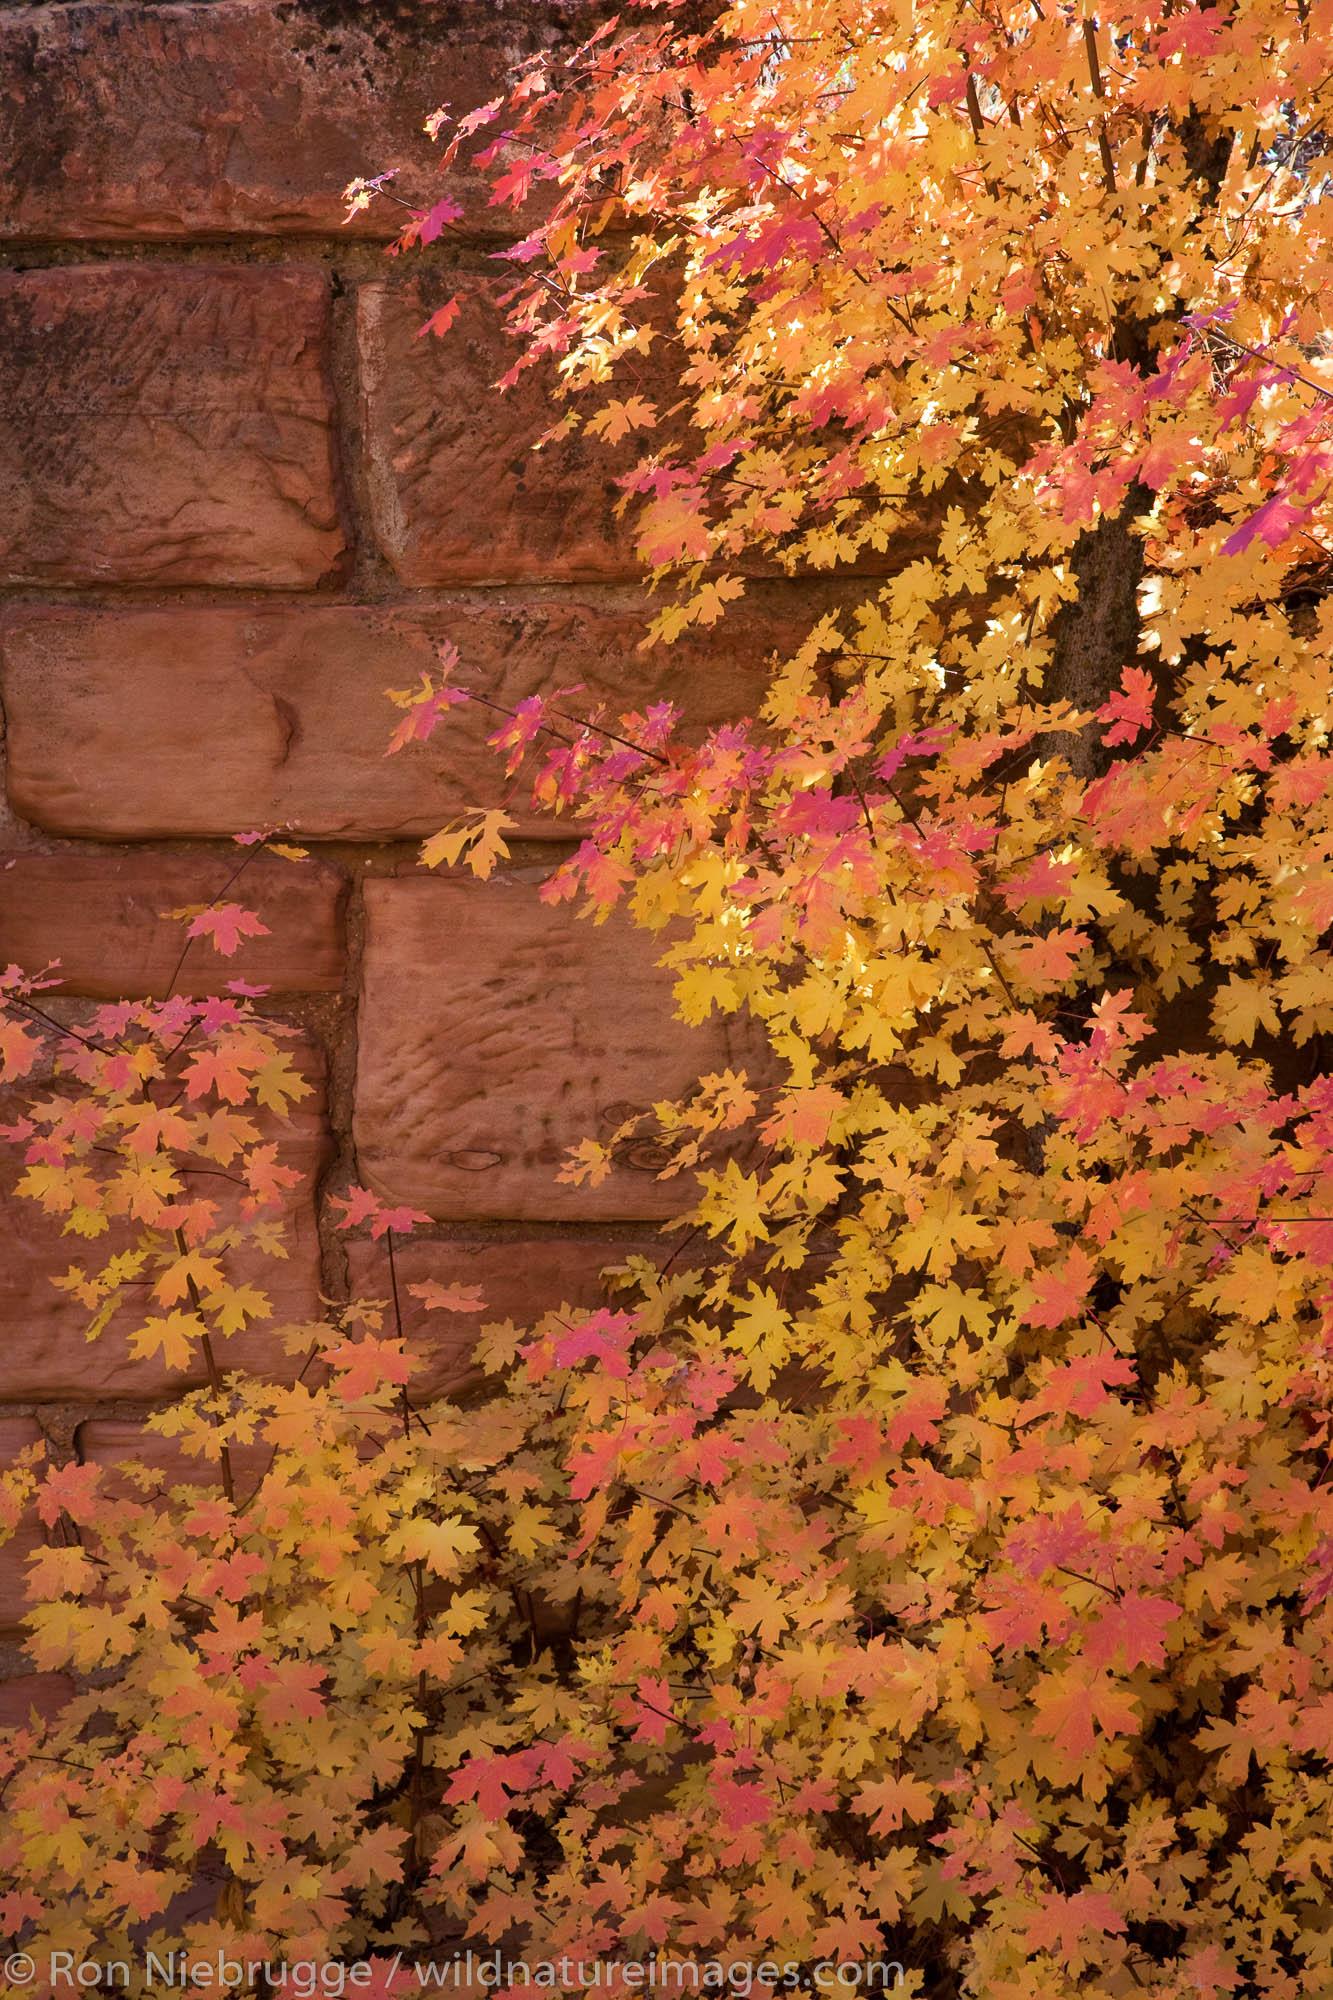 Autumn colors near a historic bridge, Zion National Park, Utah.